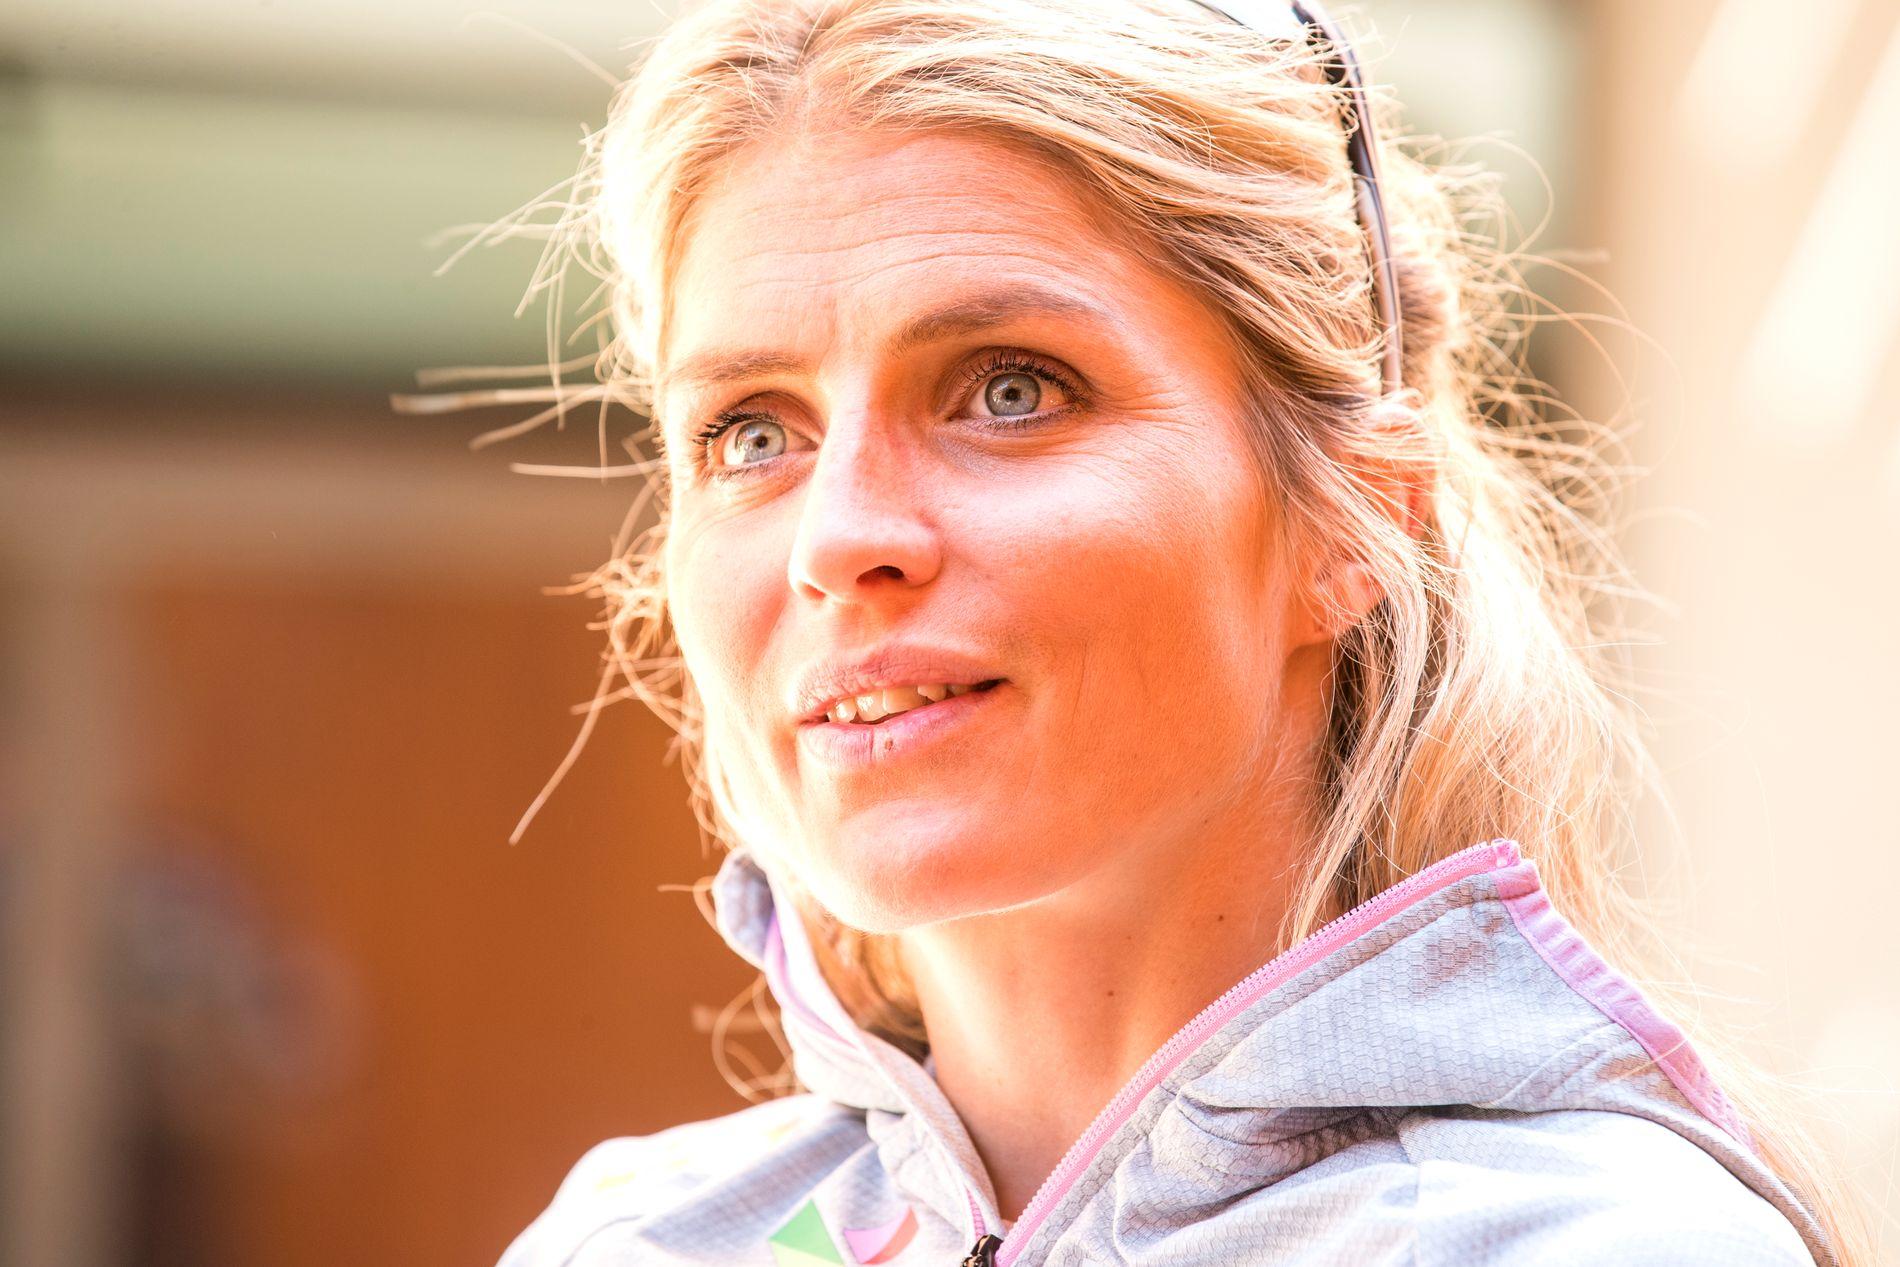 Therese Johaug vant alle distanserennene i verdenscupen som hun startet i forrige sesong, unntatt ett. Da ble hun nummer to.